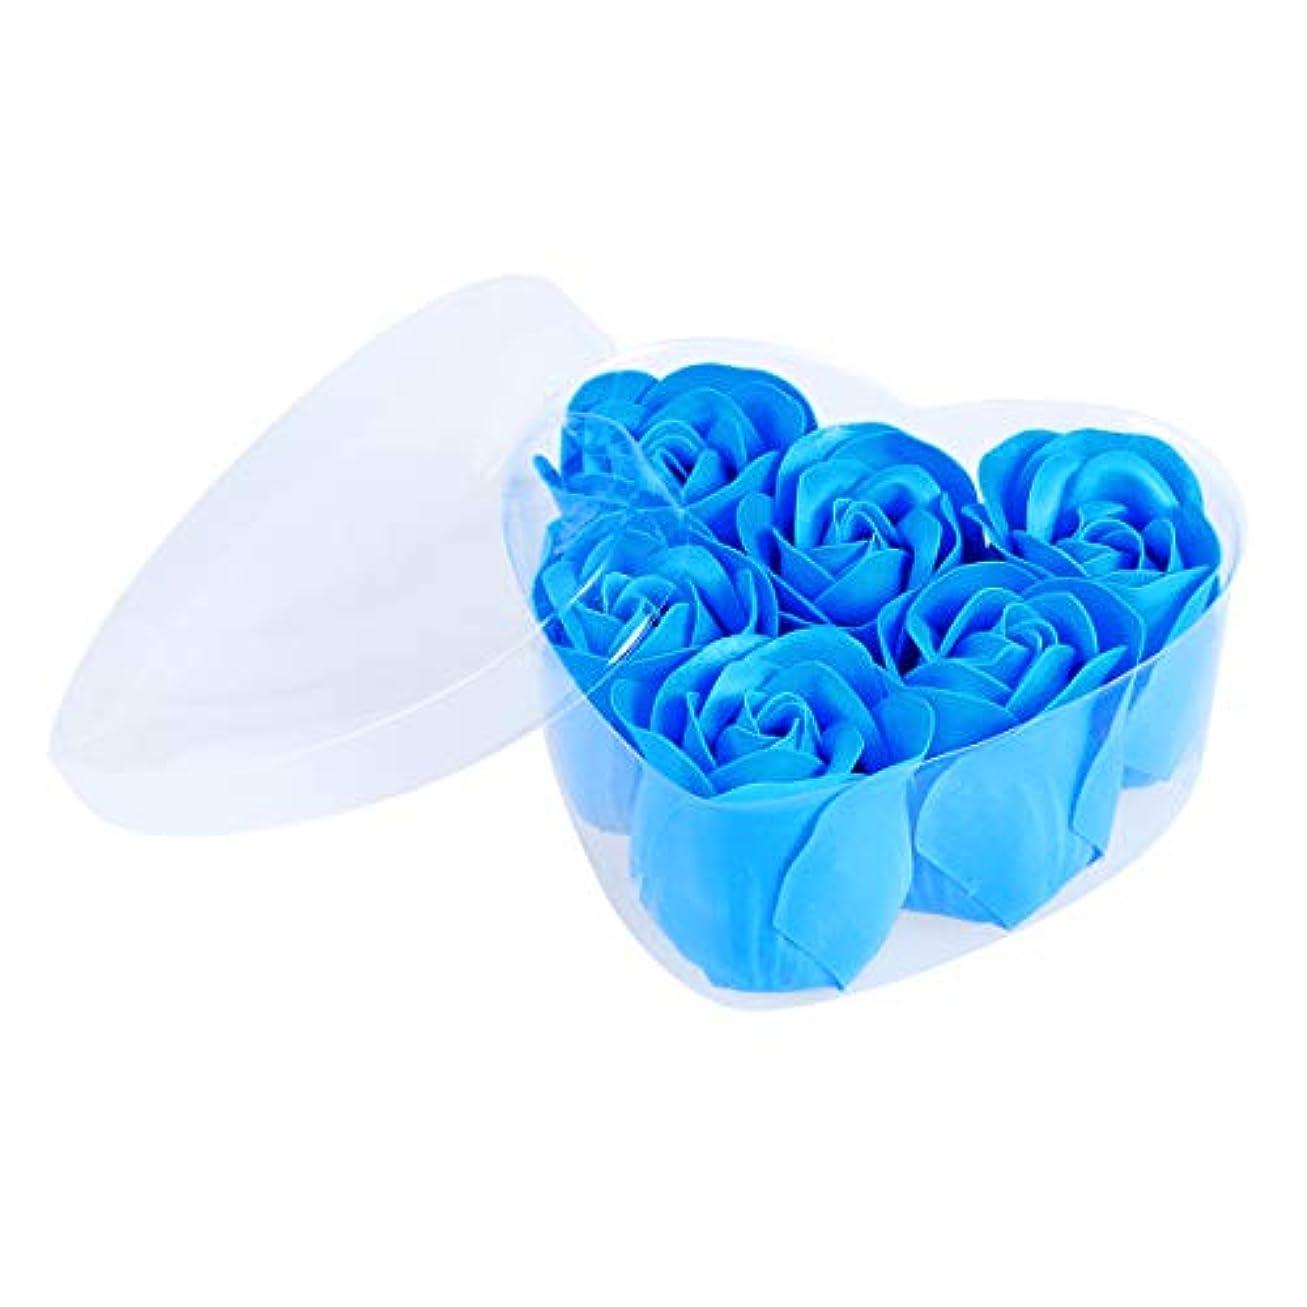 余裕がある爪頬FRCOLOR 6ピースシミュレーションローズソープハート型フラワーソープギフトボックス用誕生日Valentin's Day(Blue)